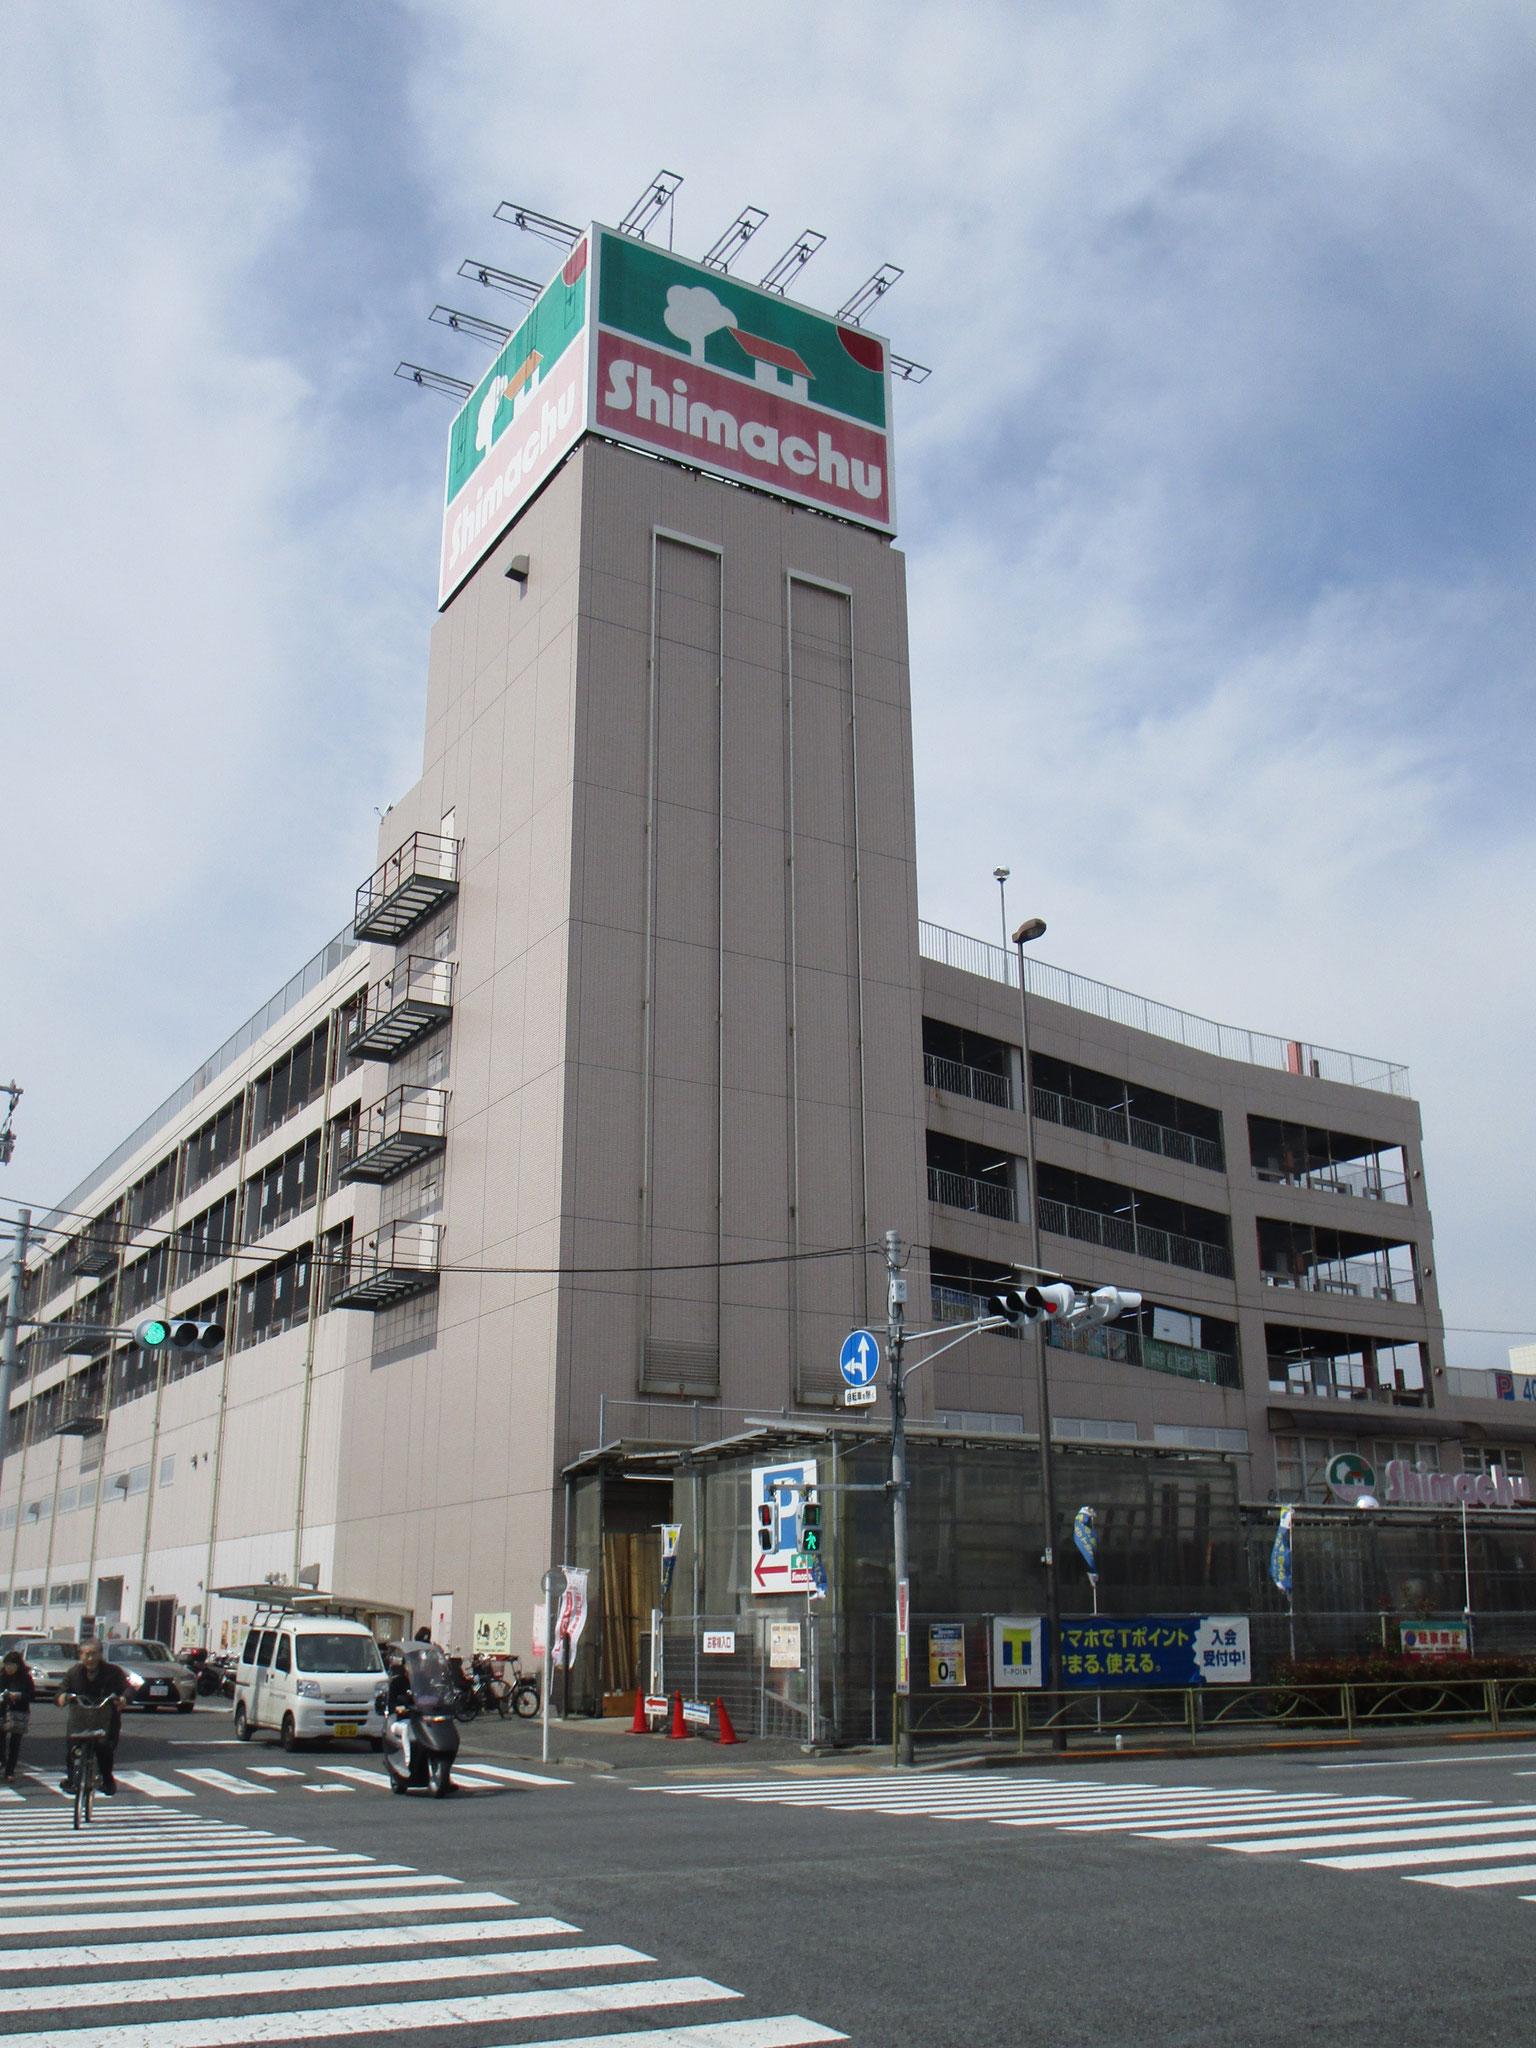 そして第二京浜を渡った所にあるショッピングセンター